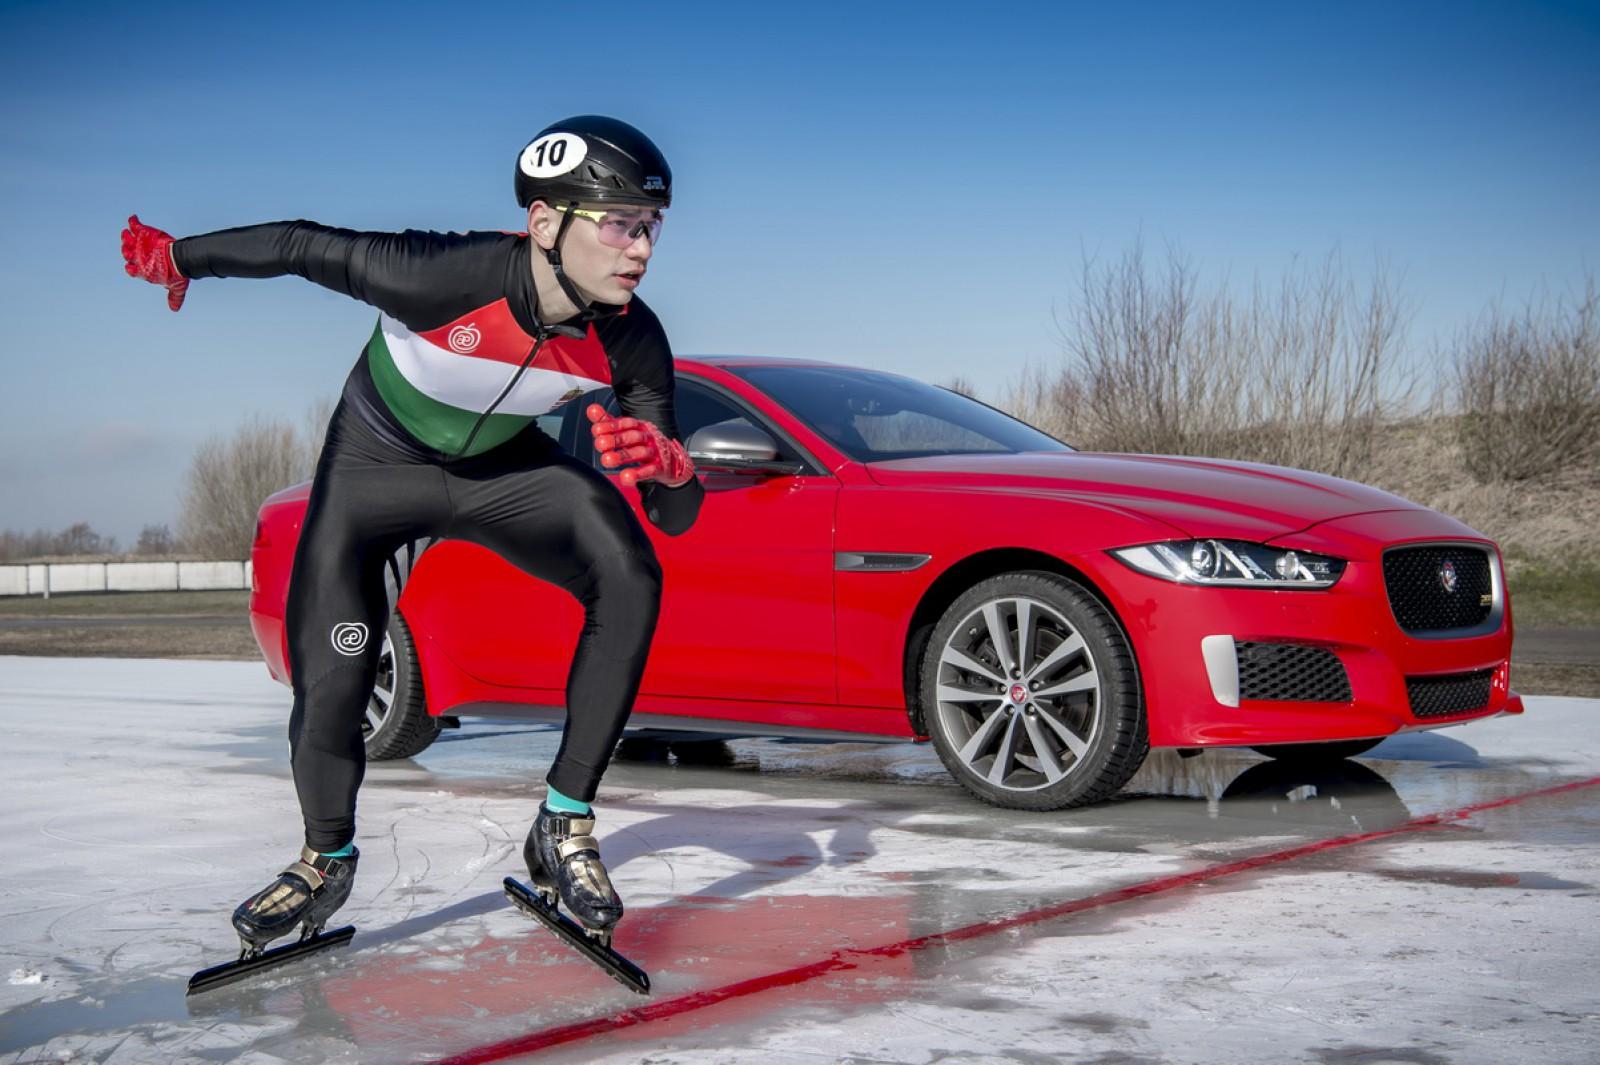 (video) Cine este mai rapid pe gheaţă? Noul Jaguar XE 300 SPORT s-a bătut cu un campion la patinaj viteză